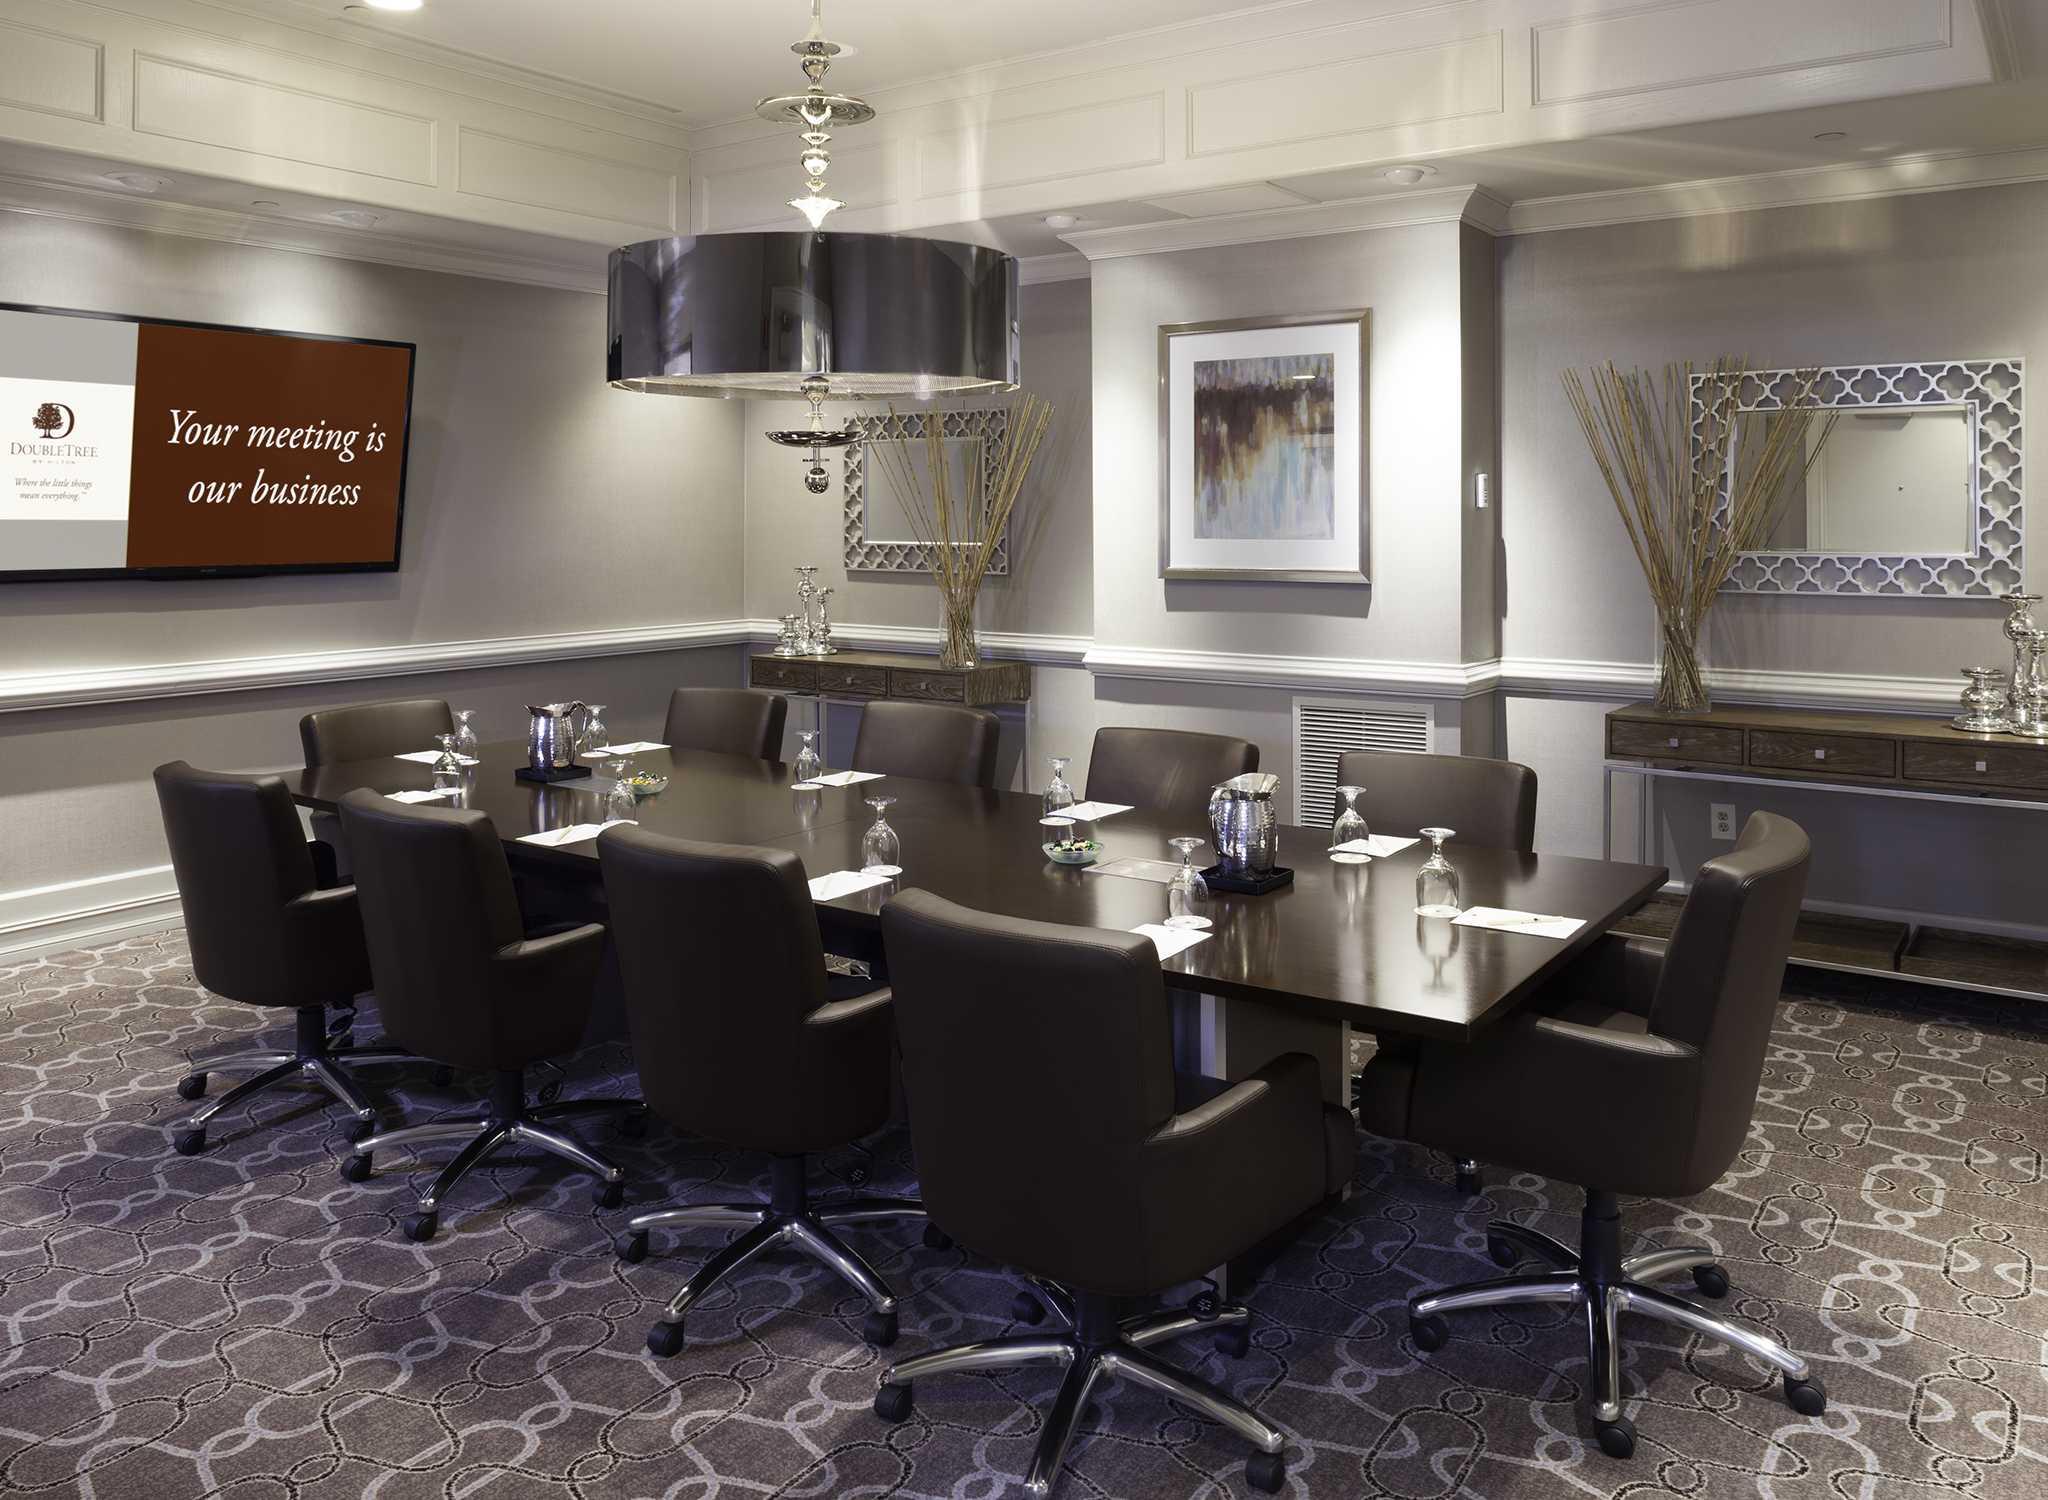 h tels buckhead pr s d 39 atlanta h tel doubletree buckhead. Black Bedroom Furniture Sets. Home Design Ideas